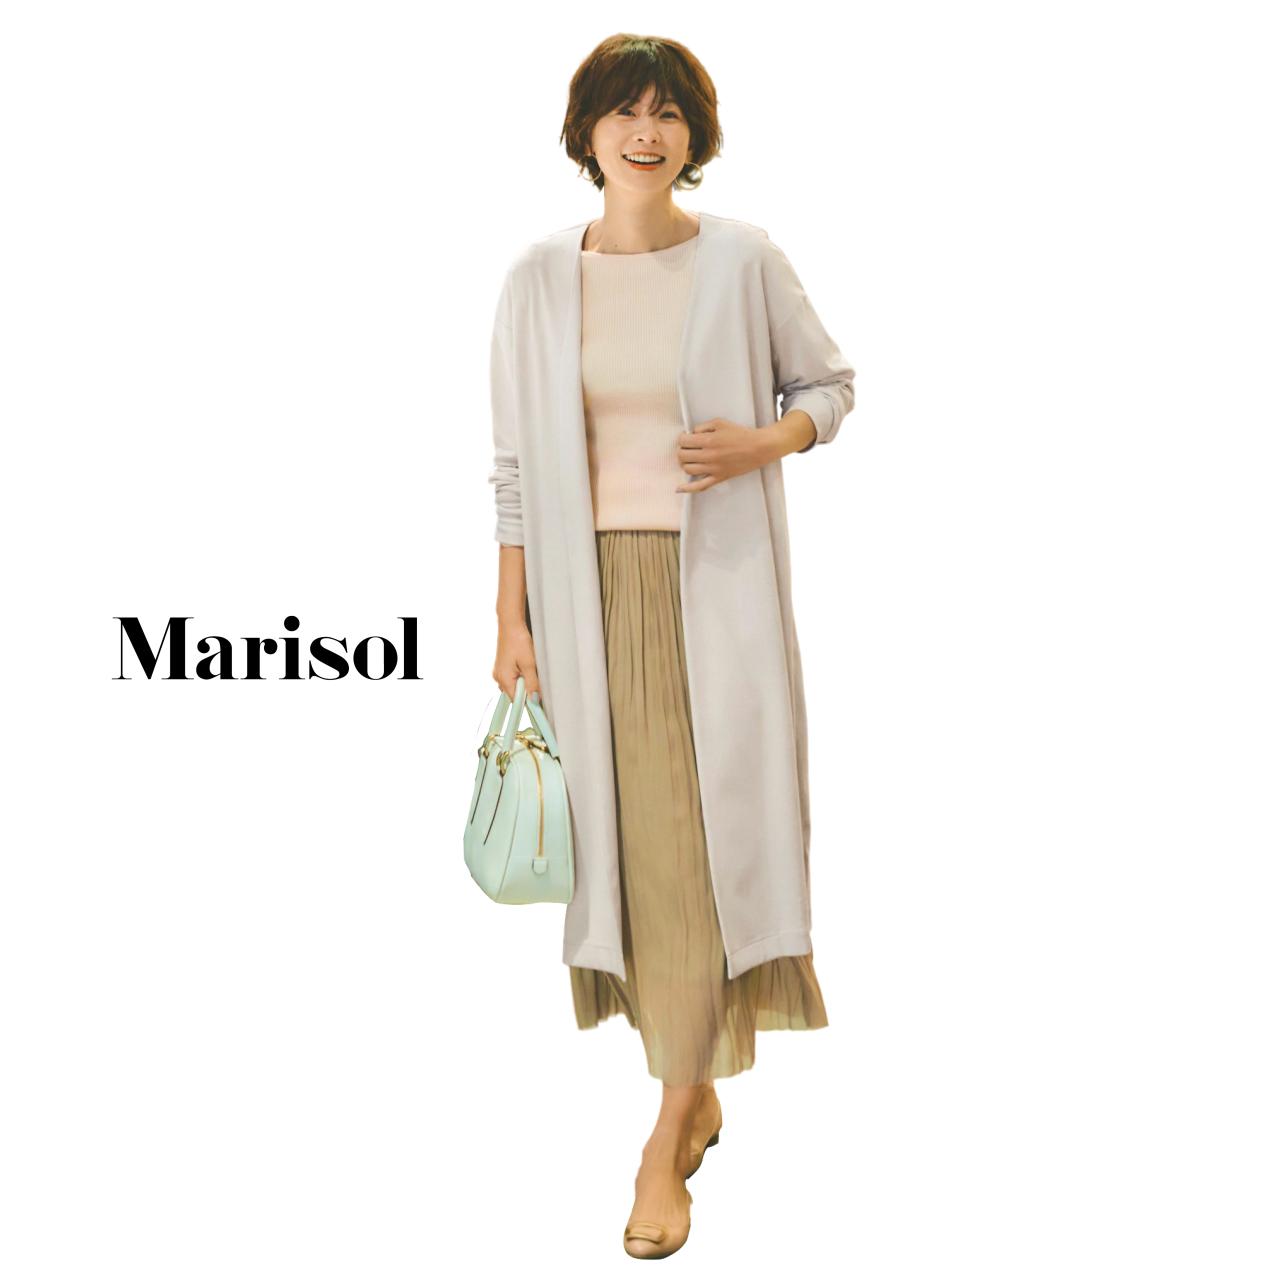 40代ファッション ニット×スカート×ロングカーディガンコーデ